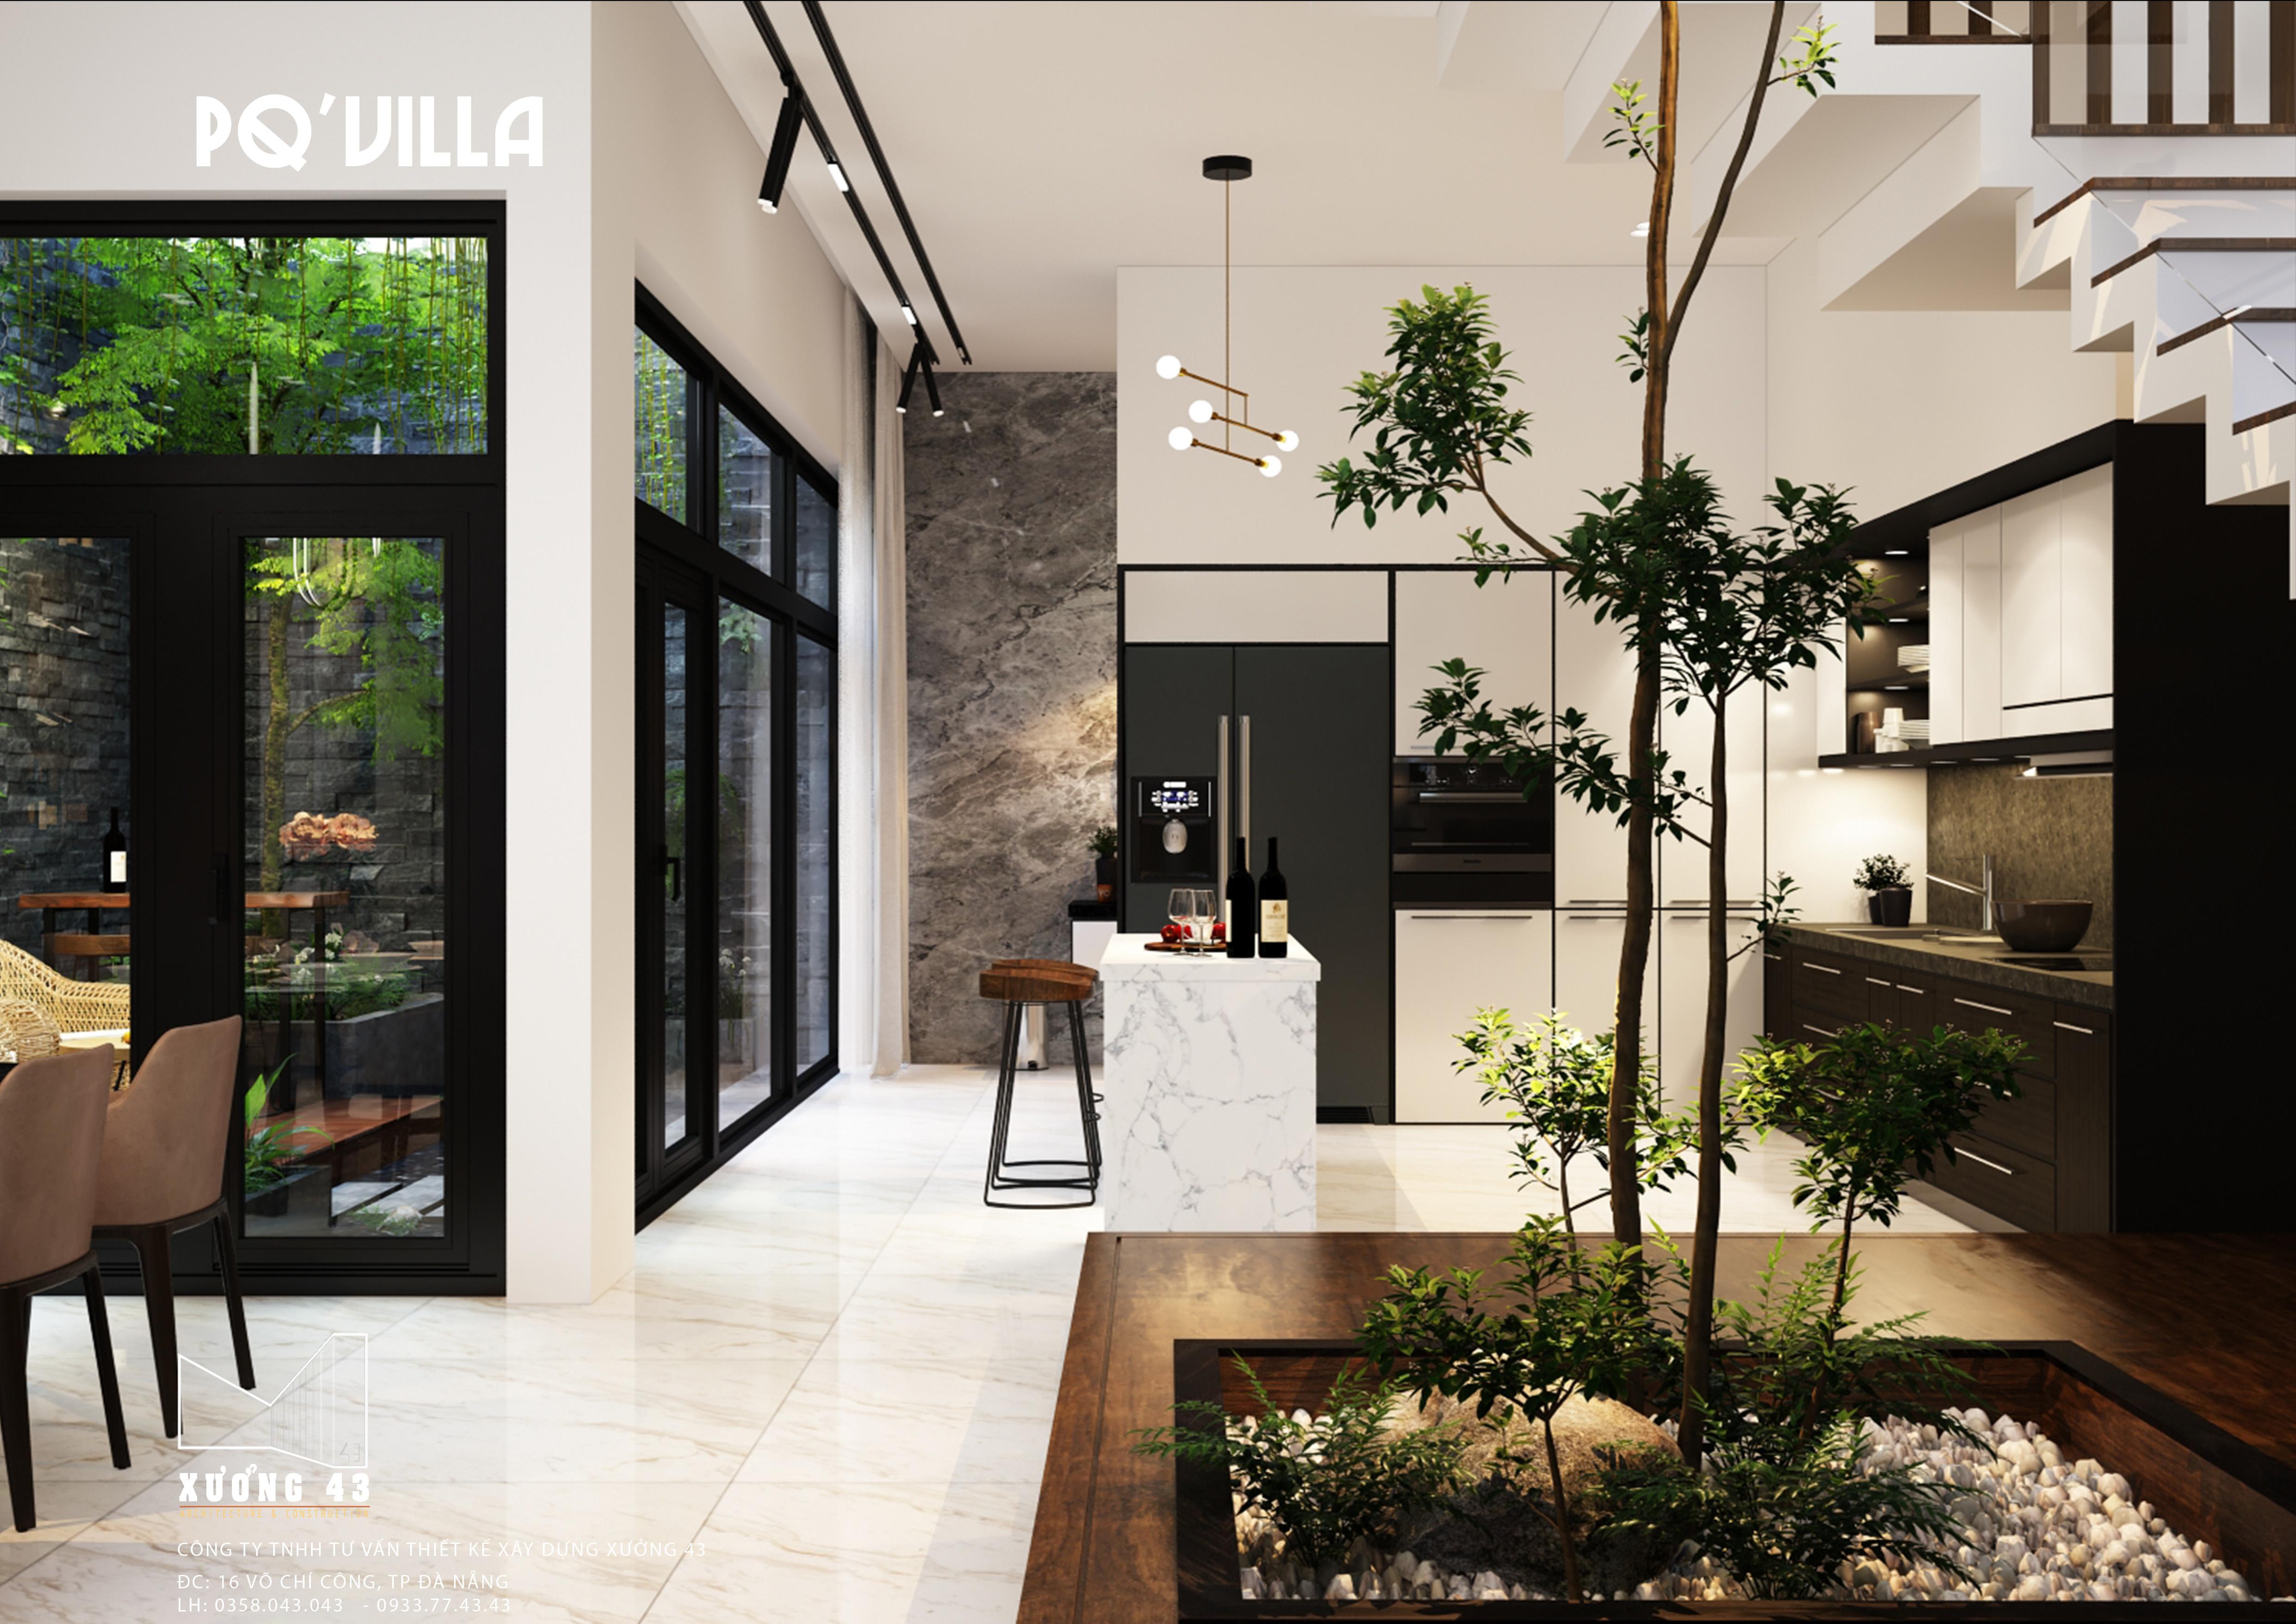 thiết kế Nhà tại Đà Nẵng PQ Villa 6 1571286146